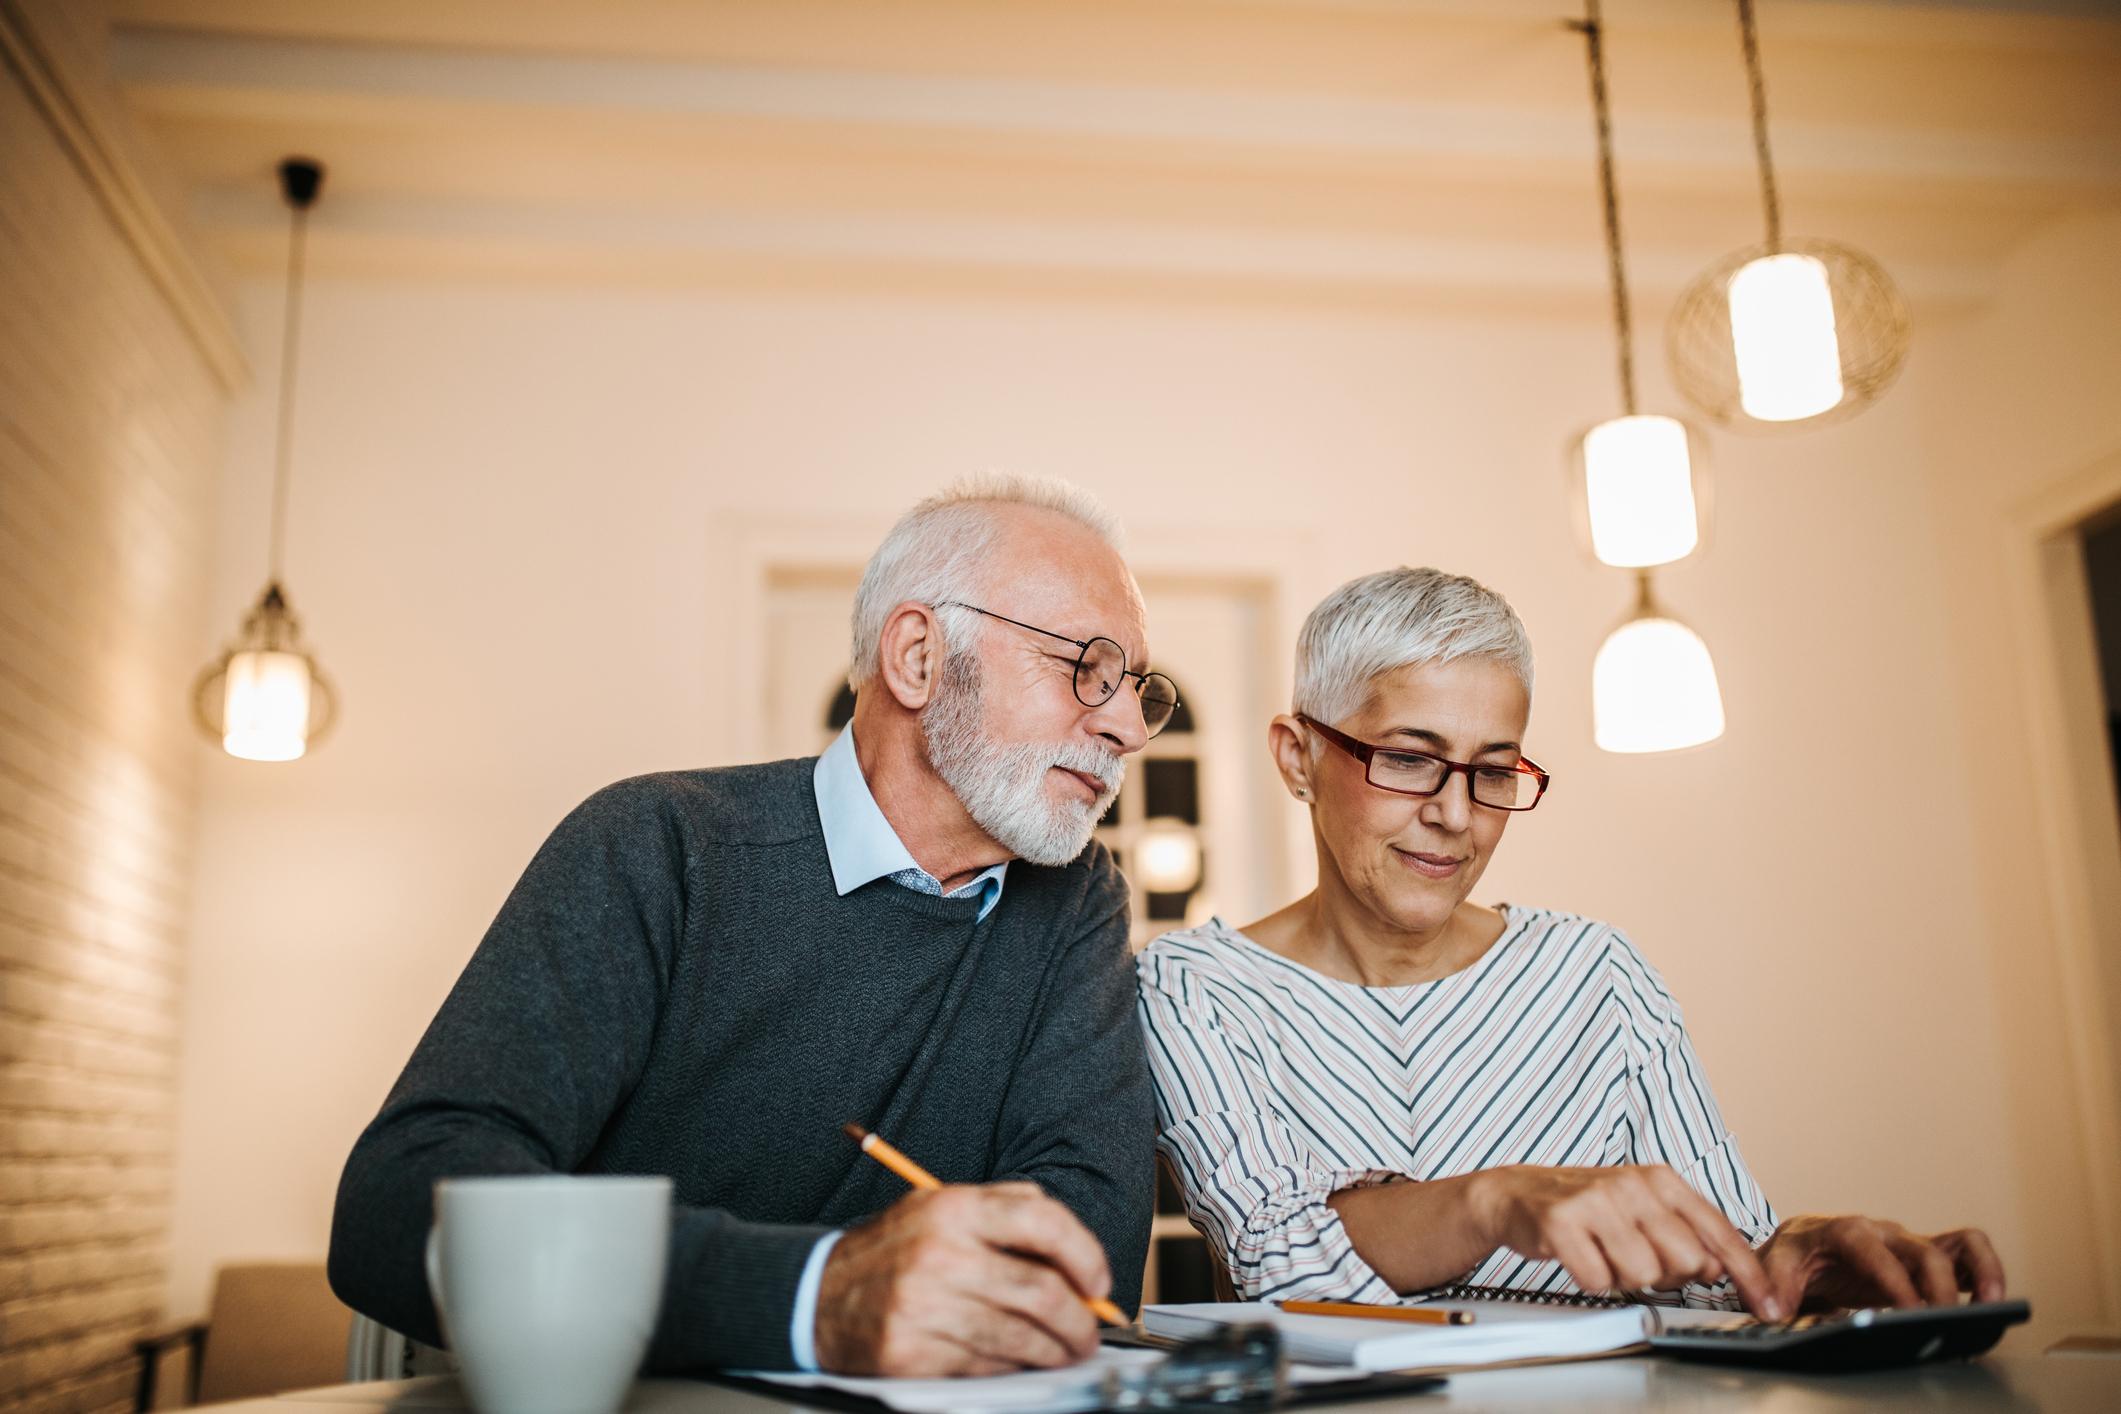 Weinig vertrouwen in een comfortabel pensioen